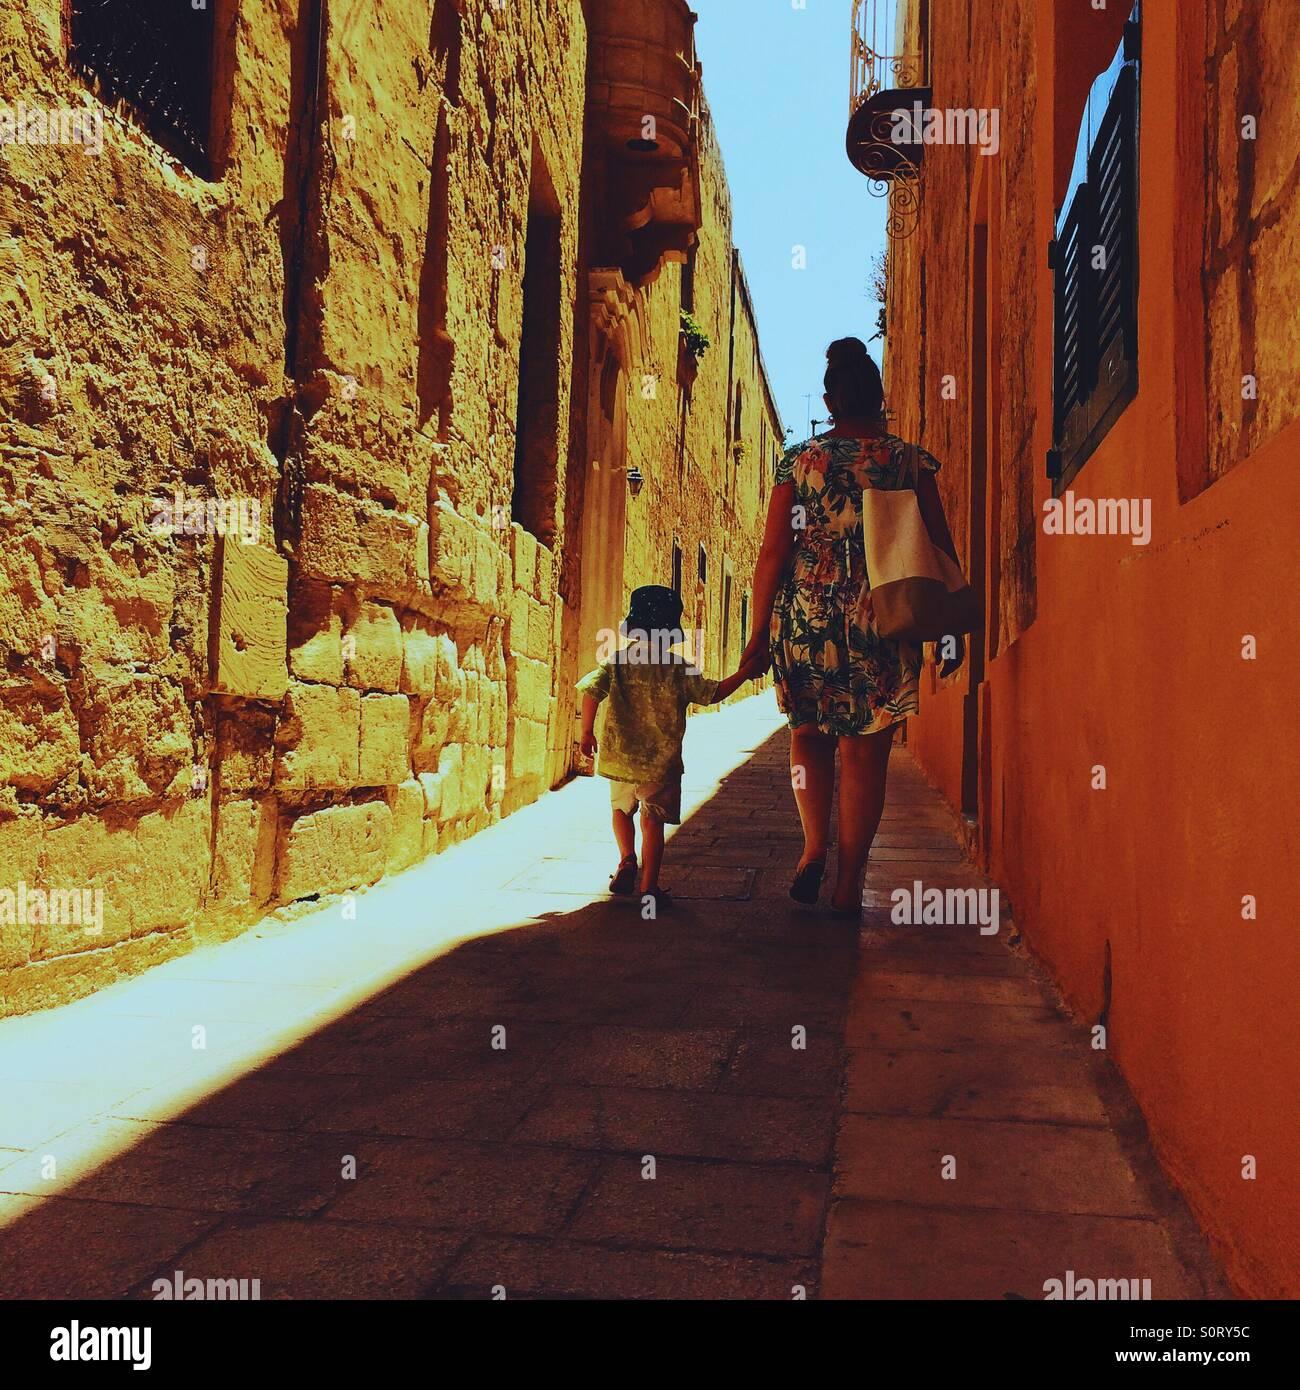 Mère et fils marche main dans la main vers le bas dans l'allée Mdina Malte Photo Stock